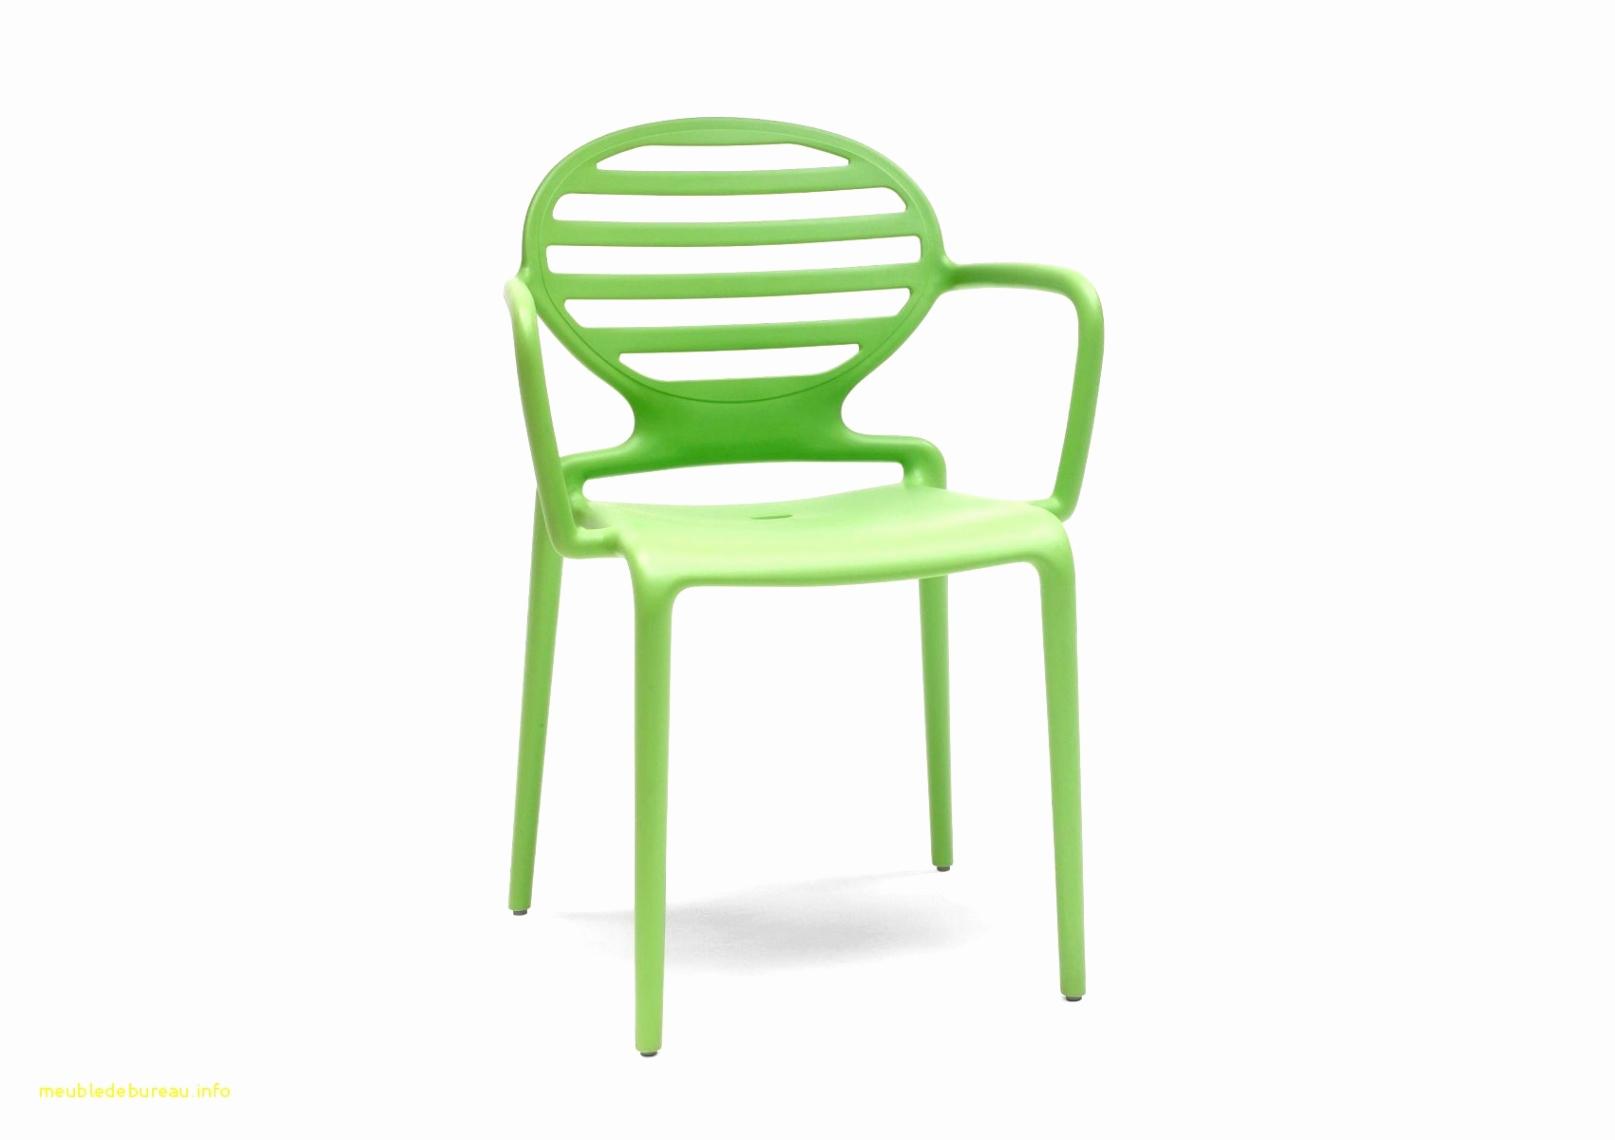 Salon De Jardin Fauteuil Frais Chaise De Salon Pas Cher Beau Chaise Design Cuir Chaise